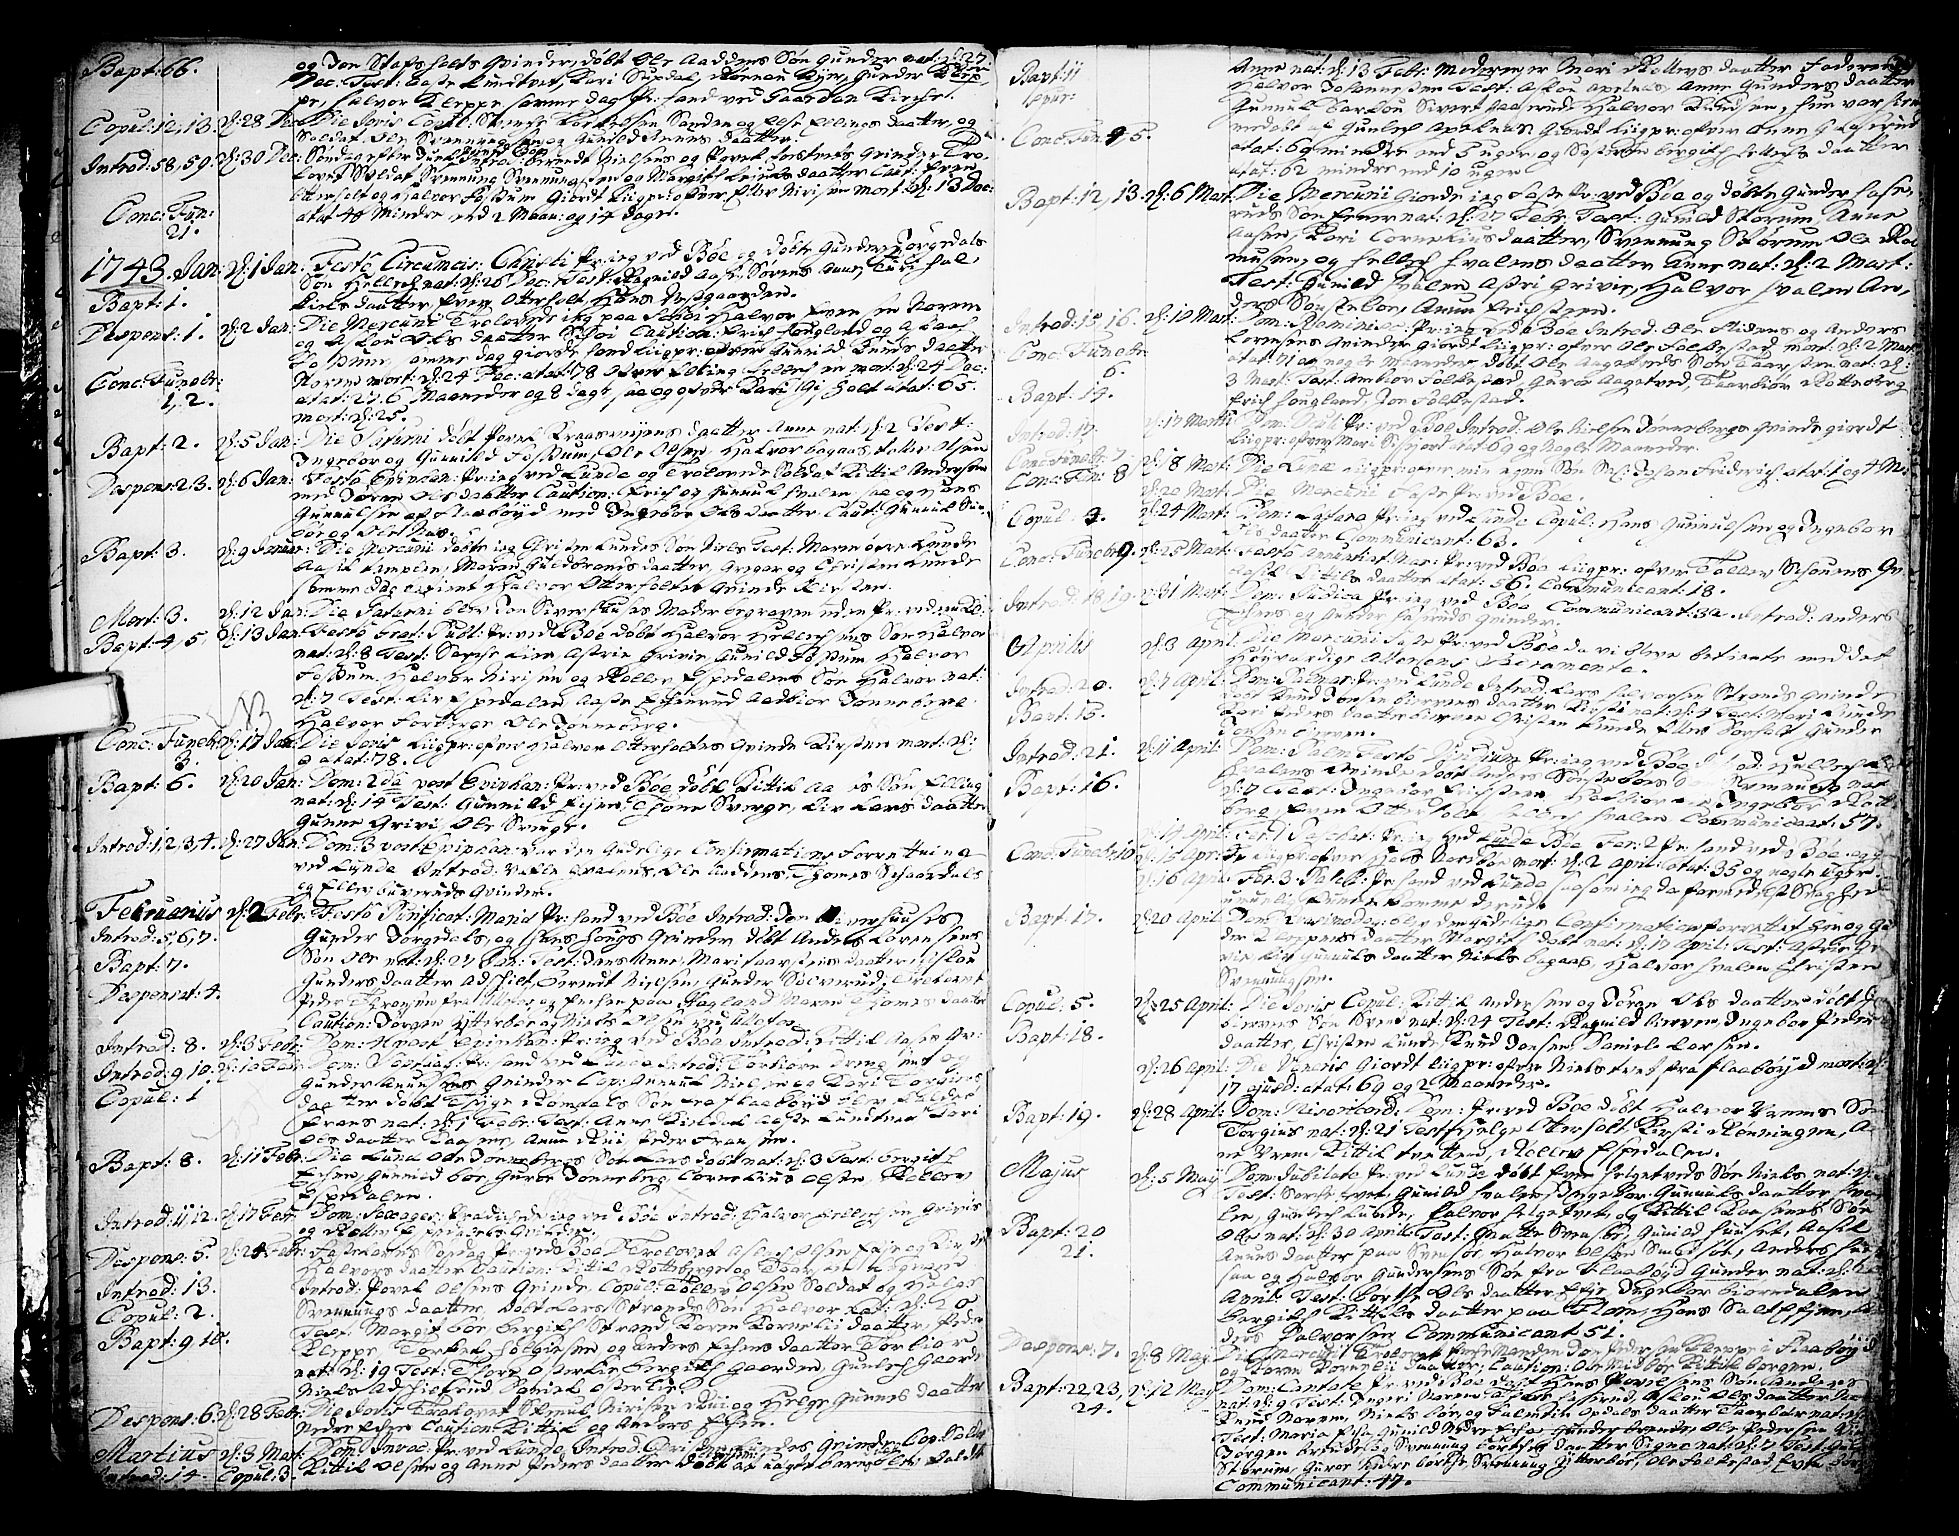 SAKO, Bø kirkebøker, F/Fa/L0003: Ministerialbok nr. 3, 1733-1748, s. 26